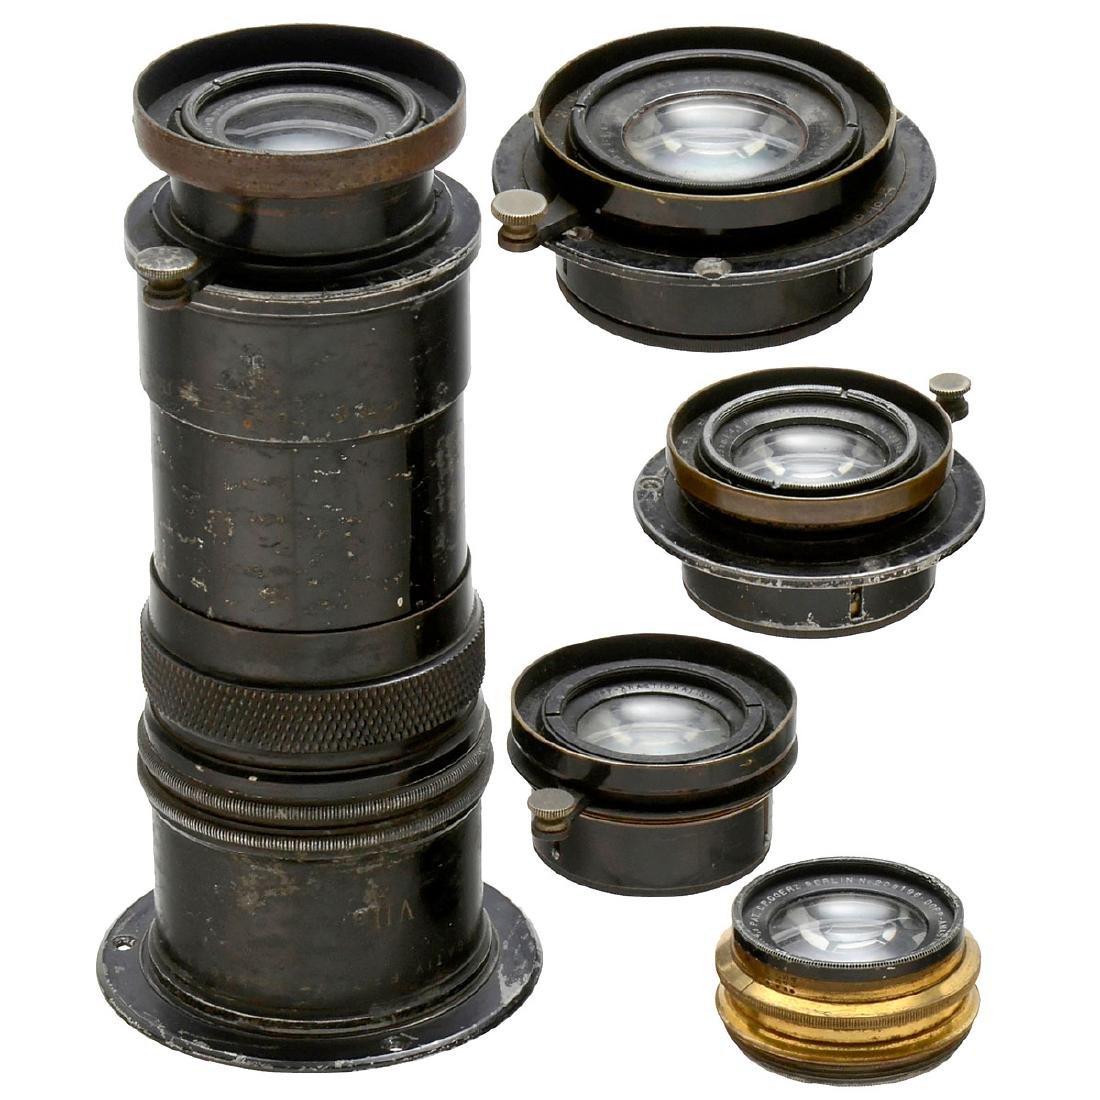 5 Goerz Lenses, c. 1900-1910